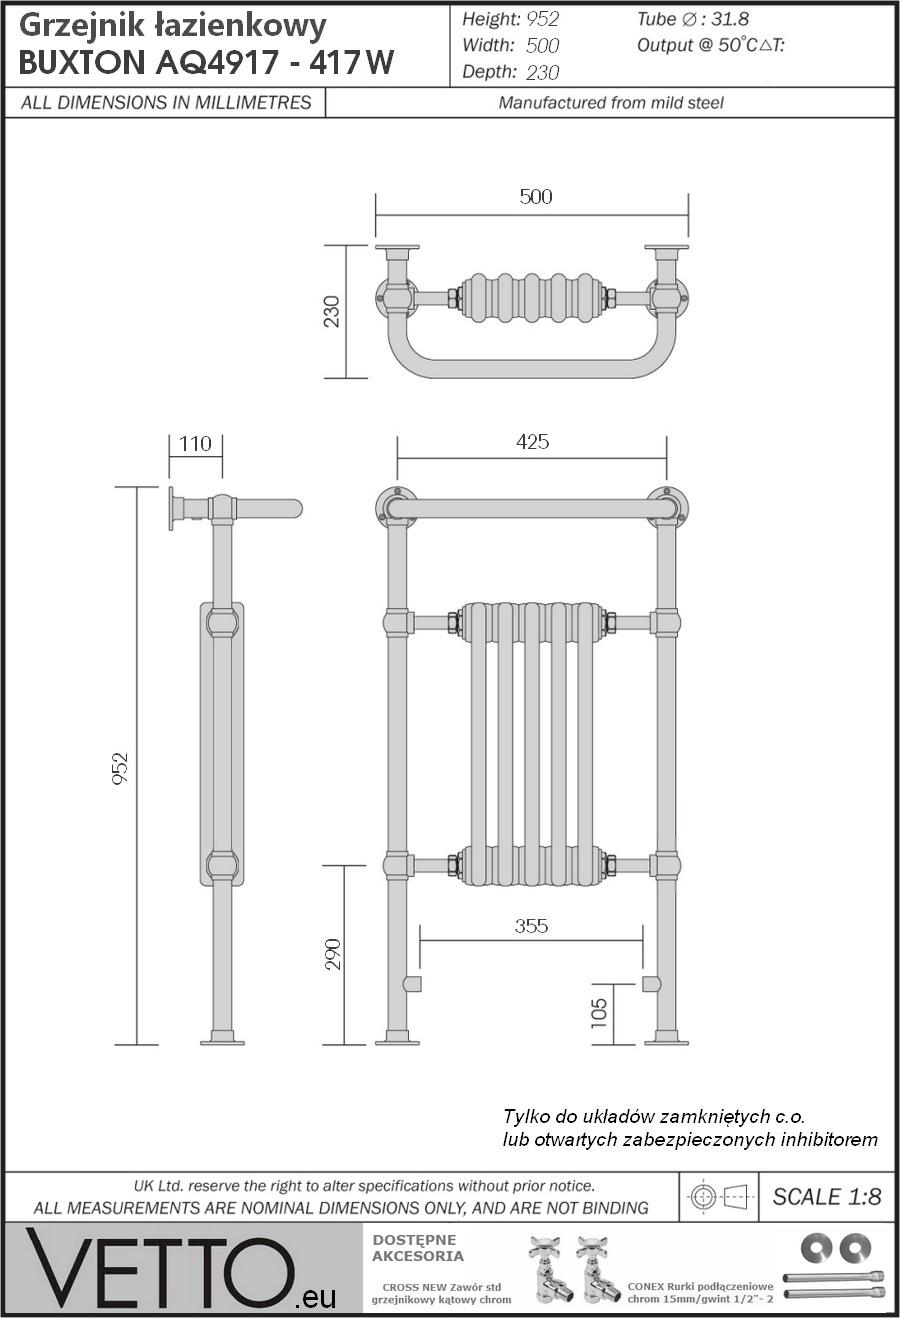 BUXTON h95x50cm, 420W, wodny, chrom/biel grzejnik łazienkowy retro.